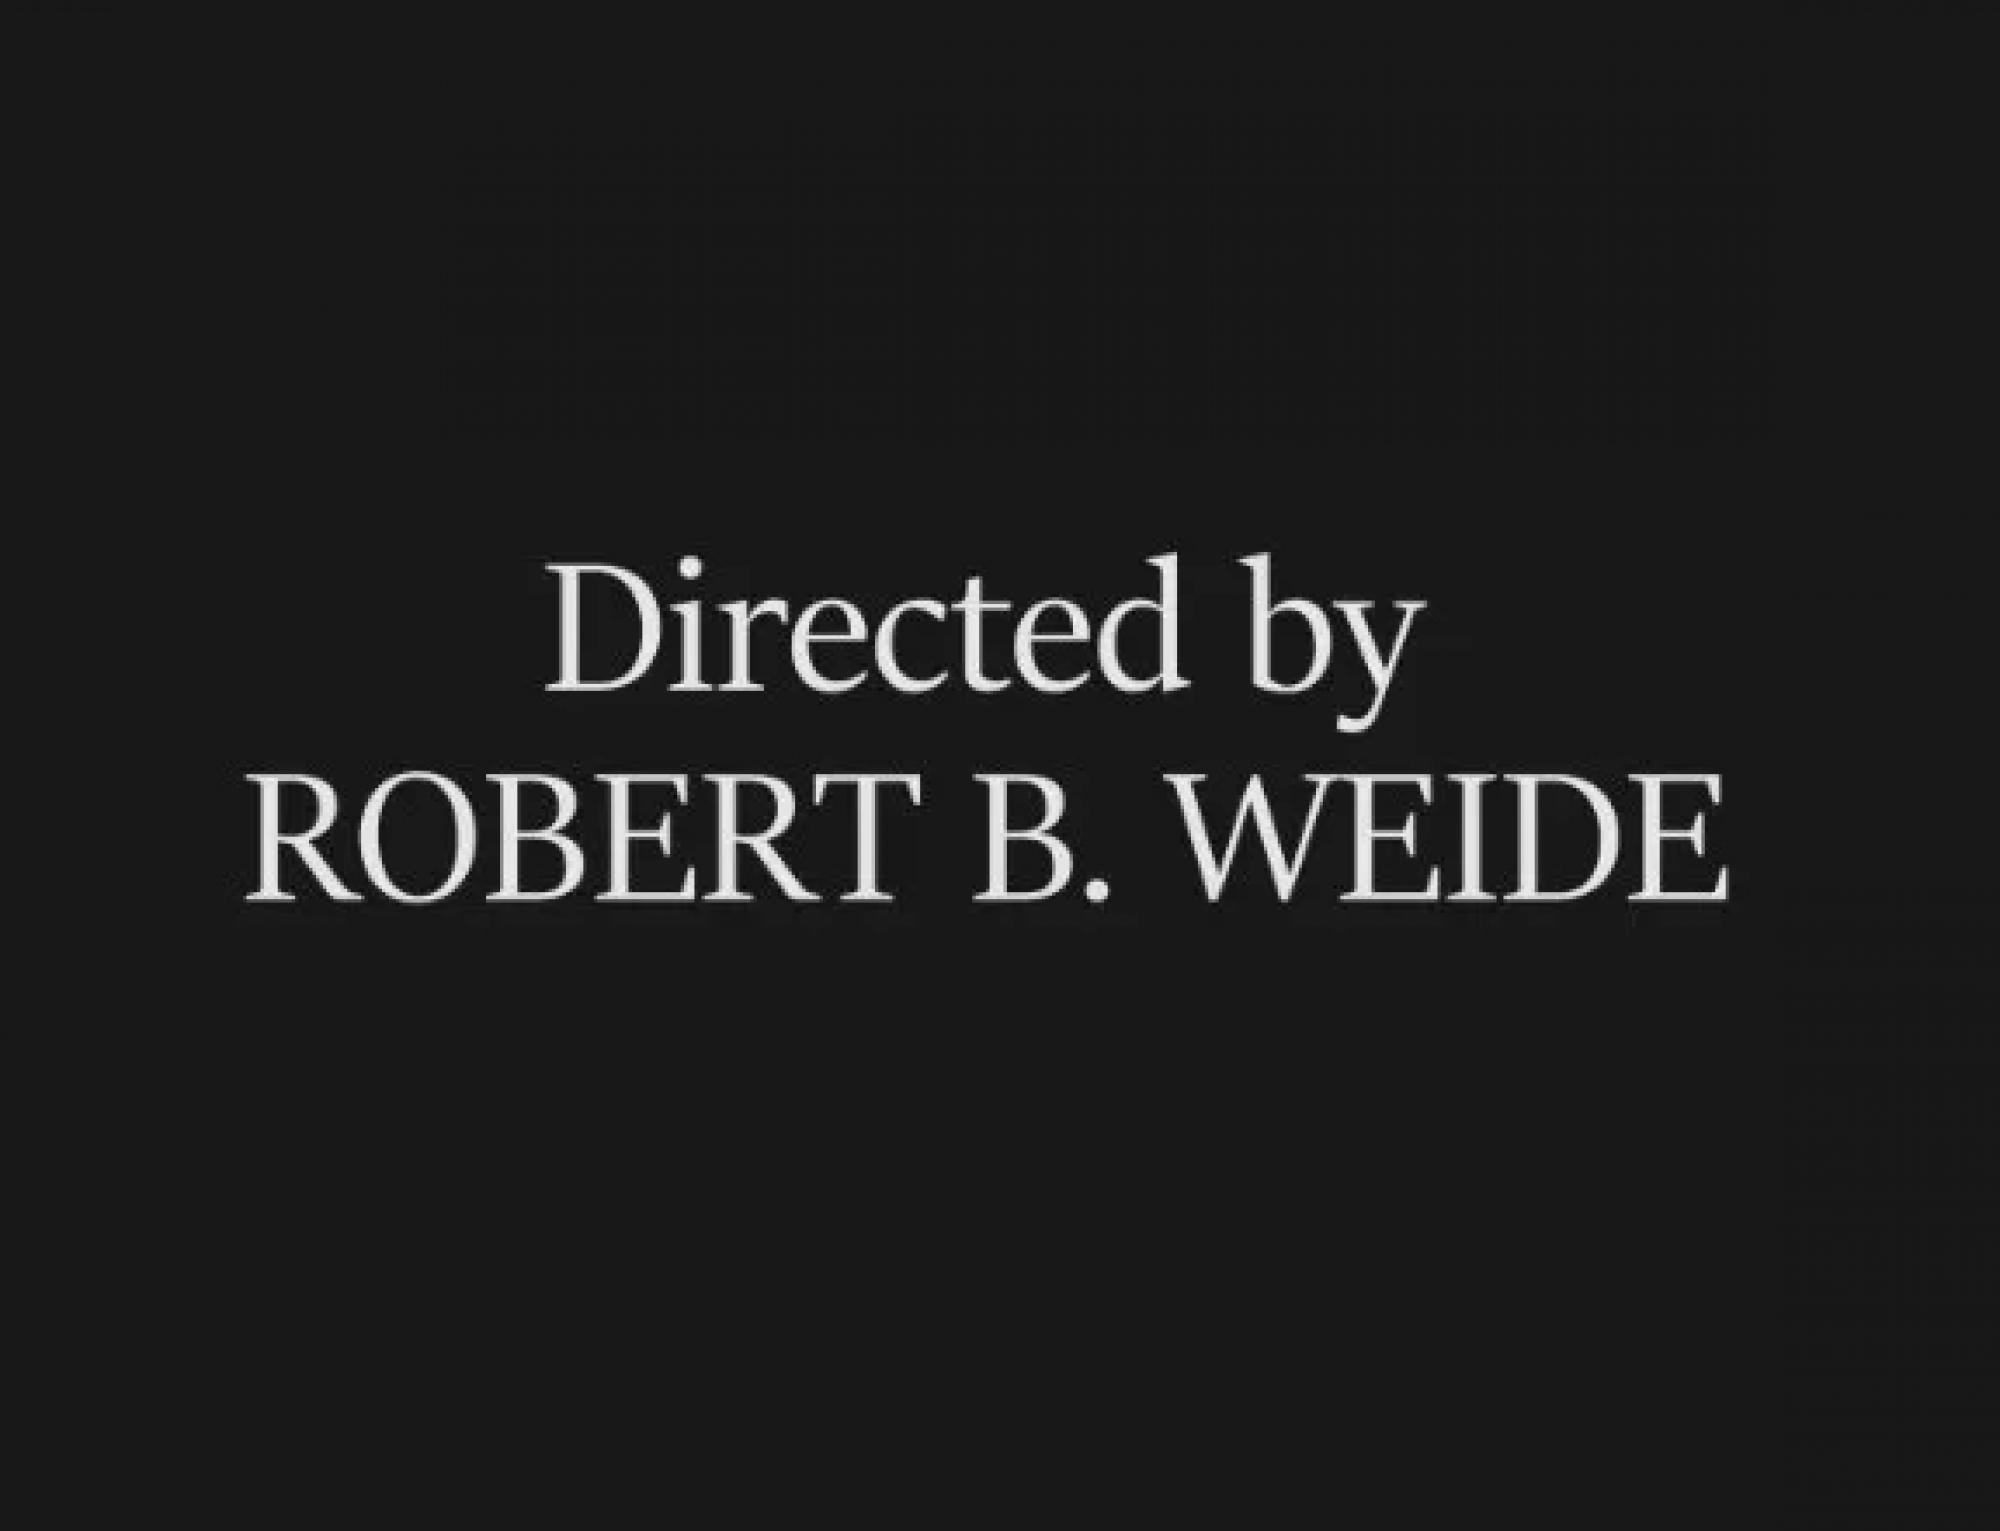 Режиссер Роберт Б. Уайде попросил не винить его в апокалипсисе